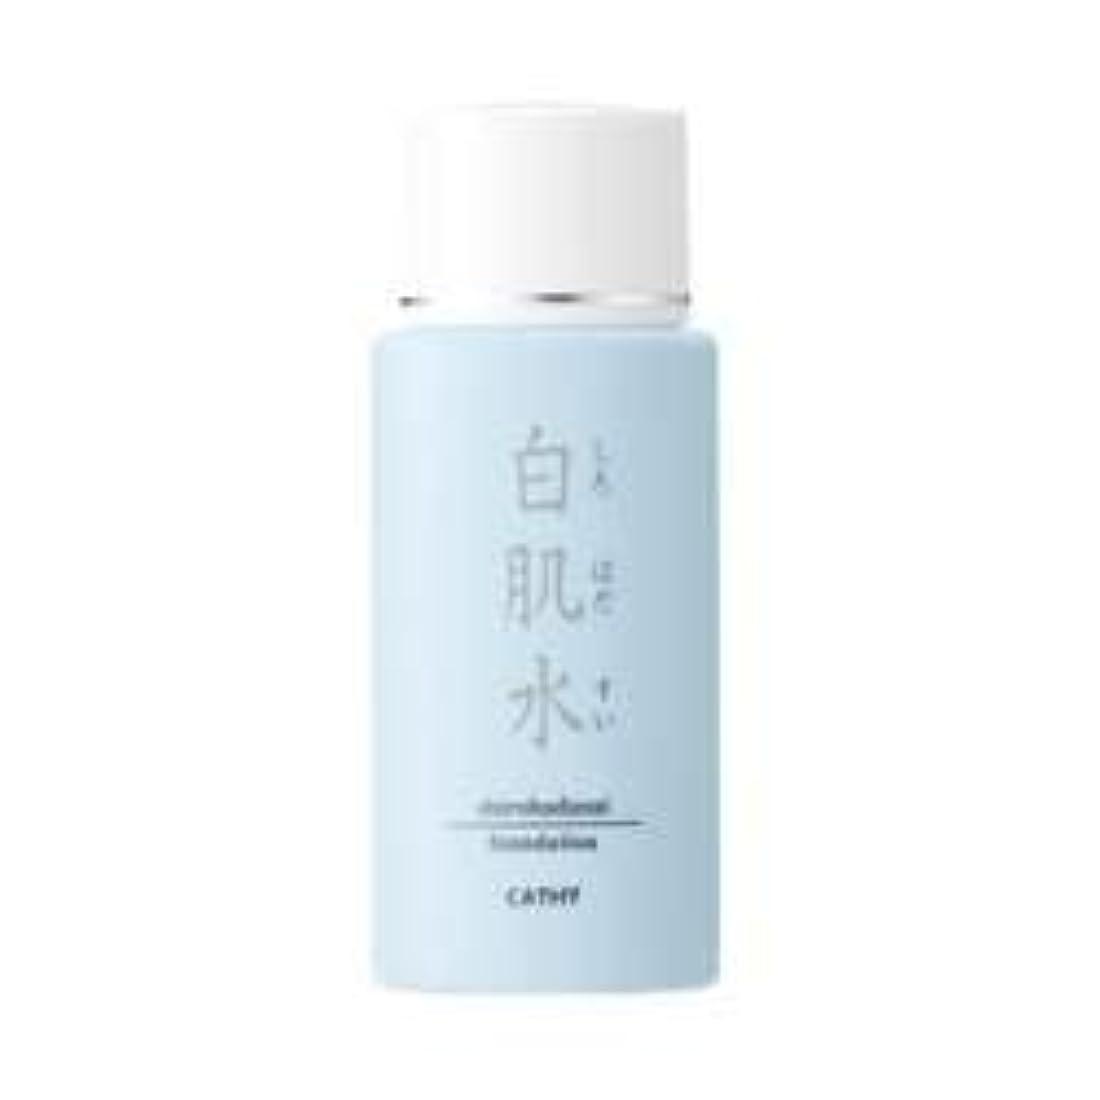 ご近所スローカートカシー 白肌水(55ml)